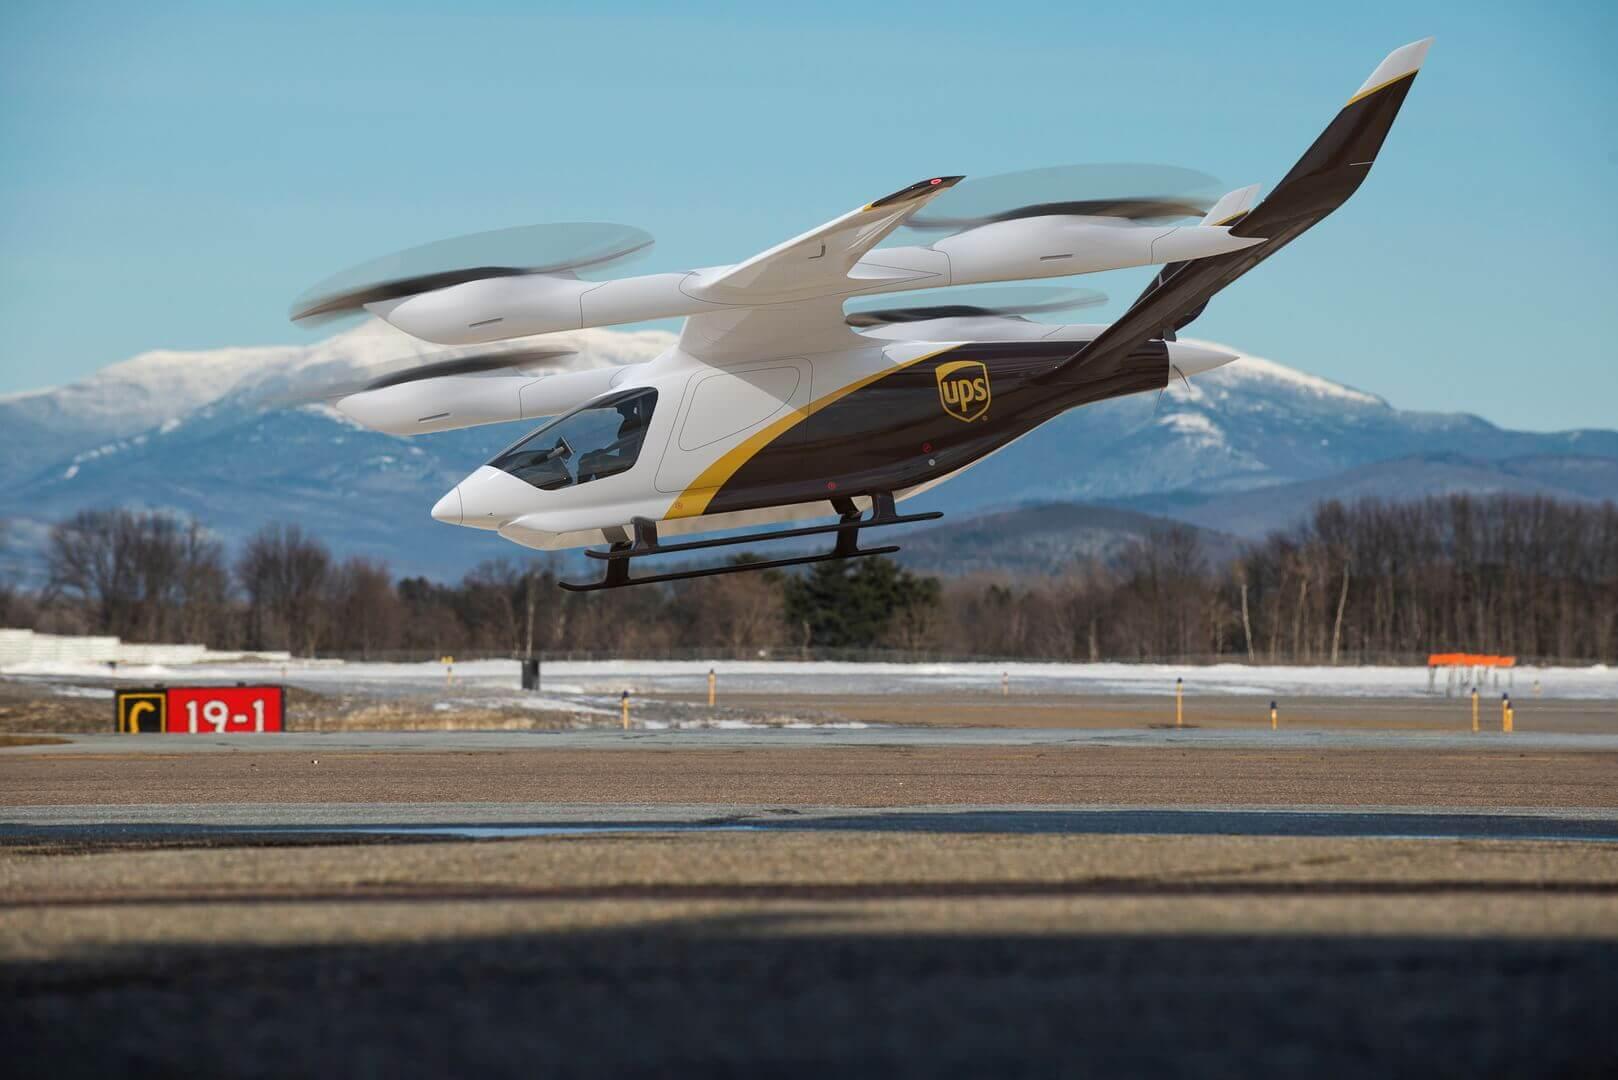 Электрические самолеты BETA eVTOL спроектированы так, чтобы в будущем летать автономно